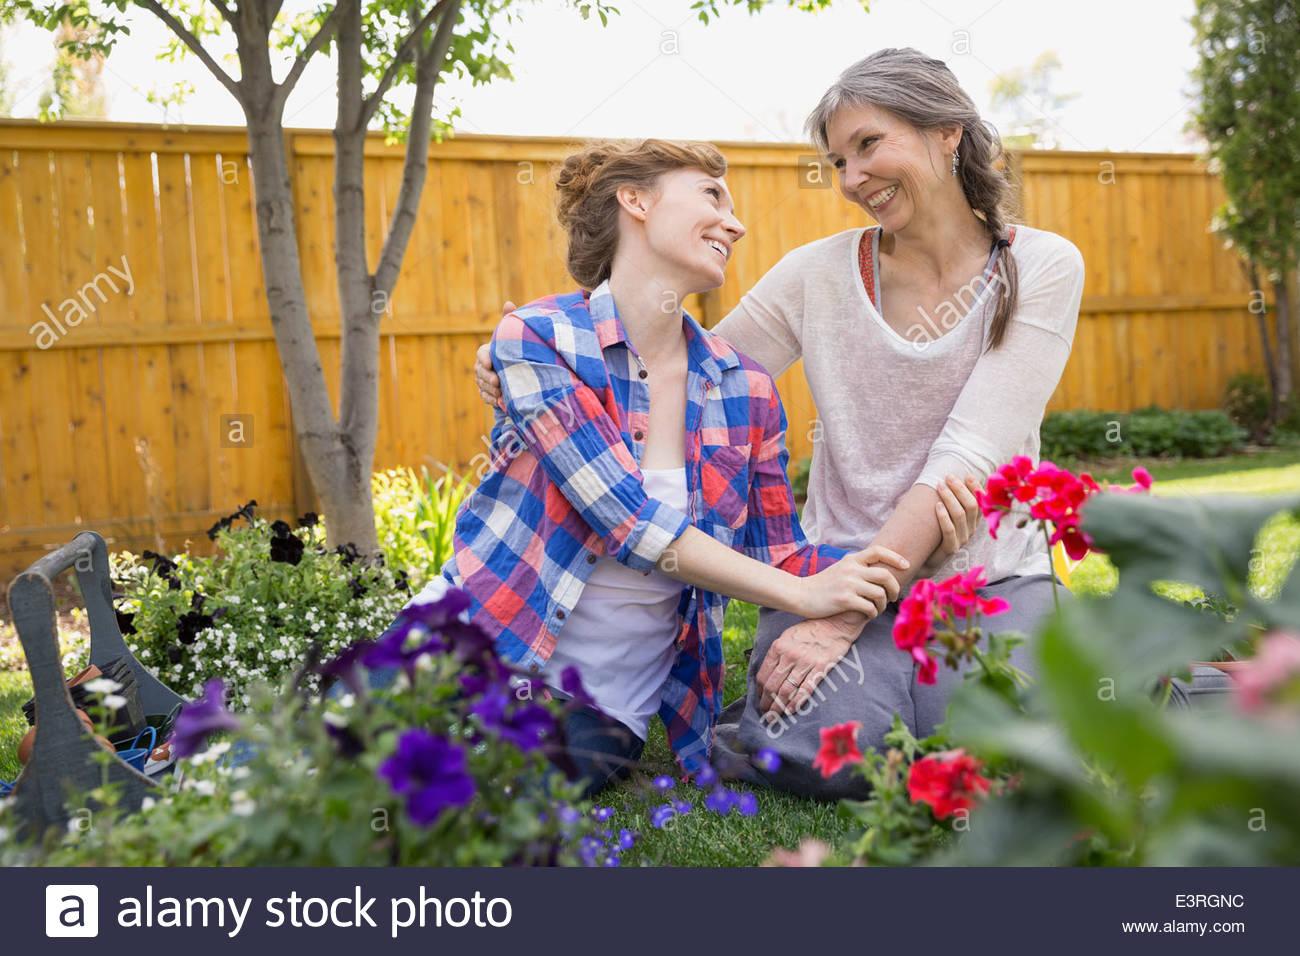 Afectuoso, madre e hija de plantar flores en el jardín Imagen De Stock